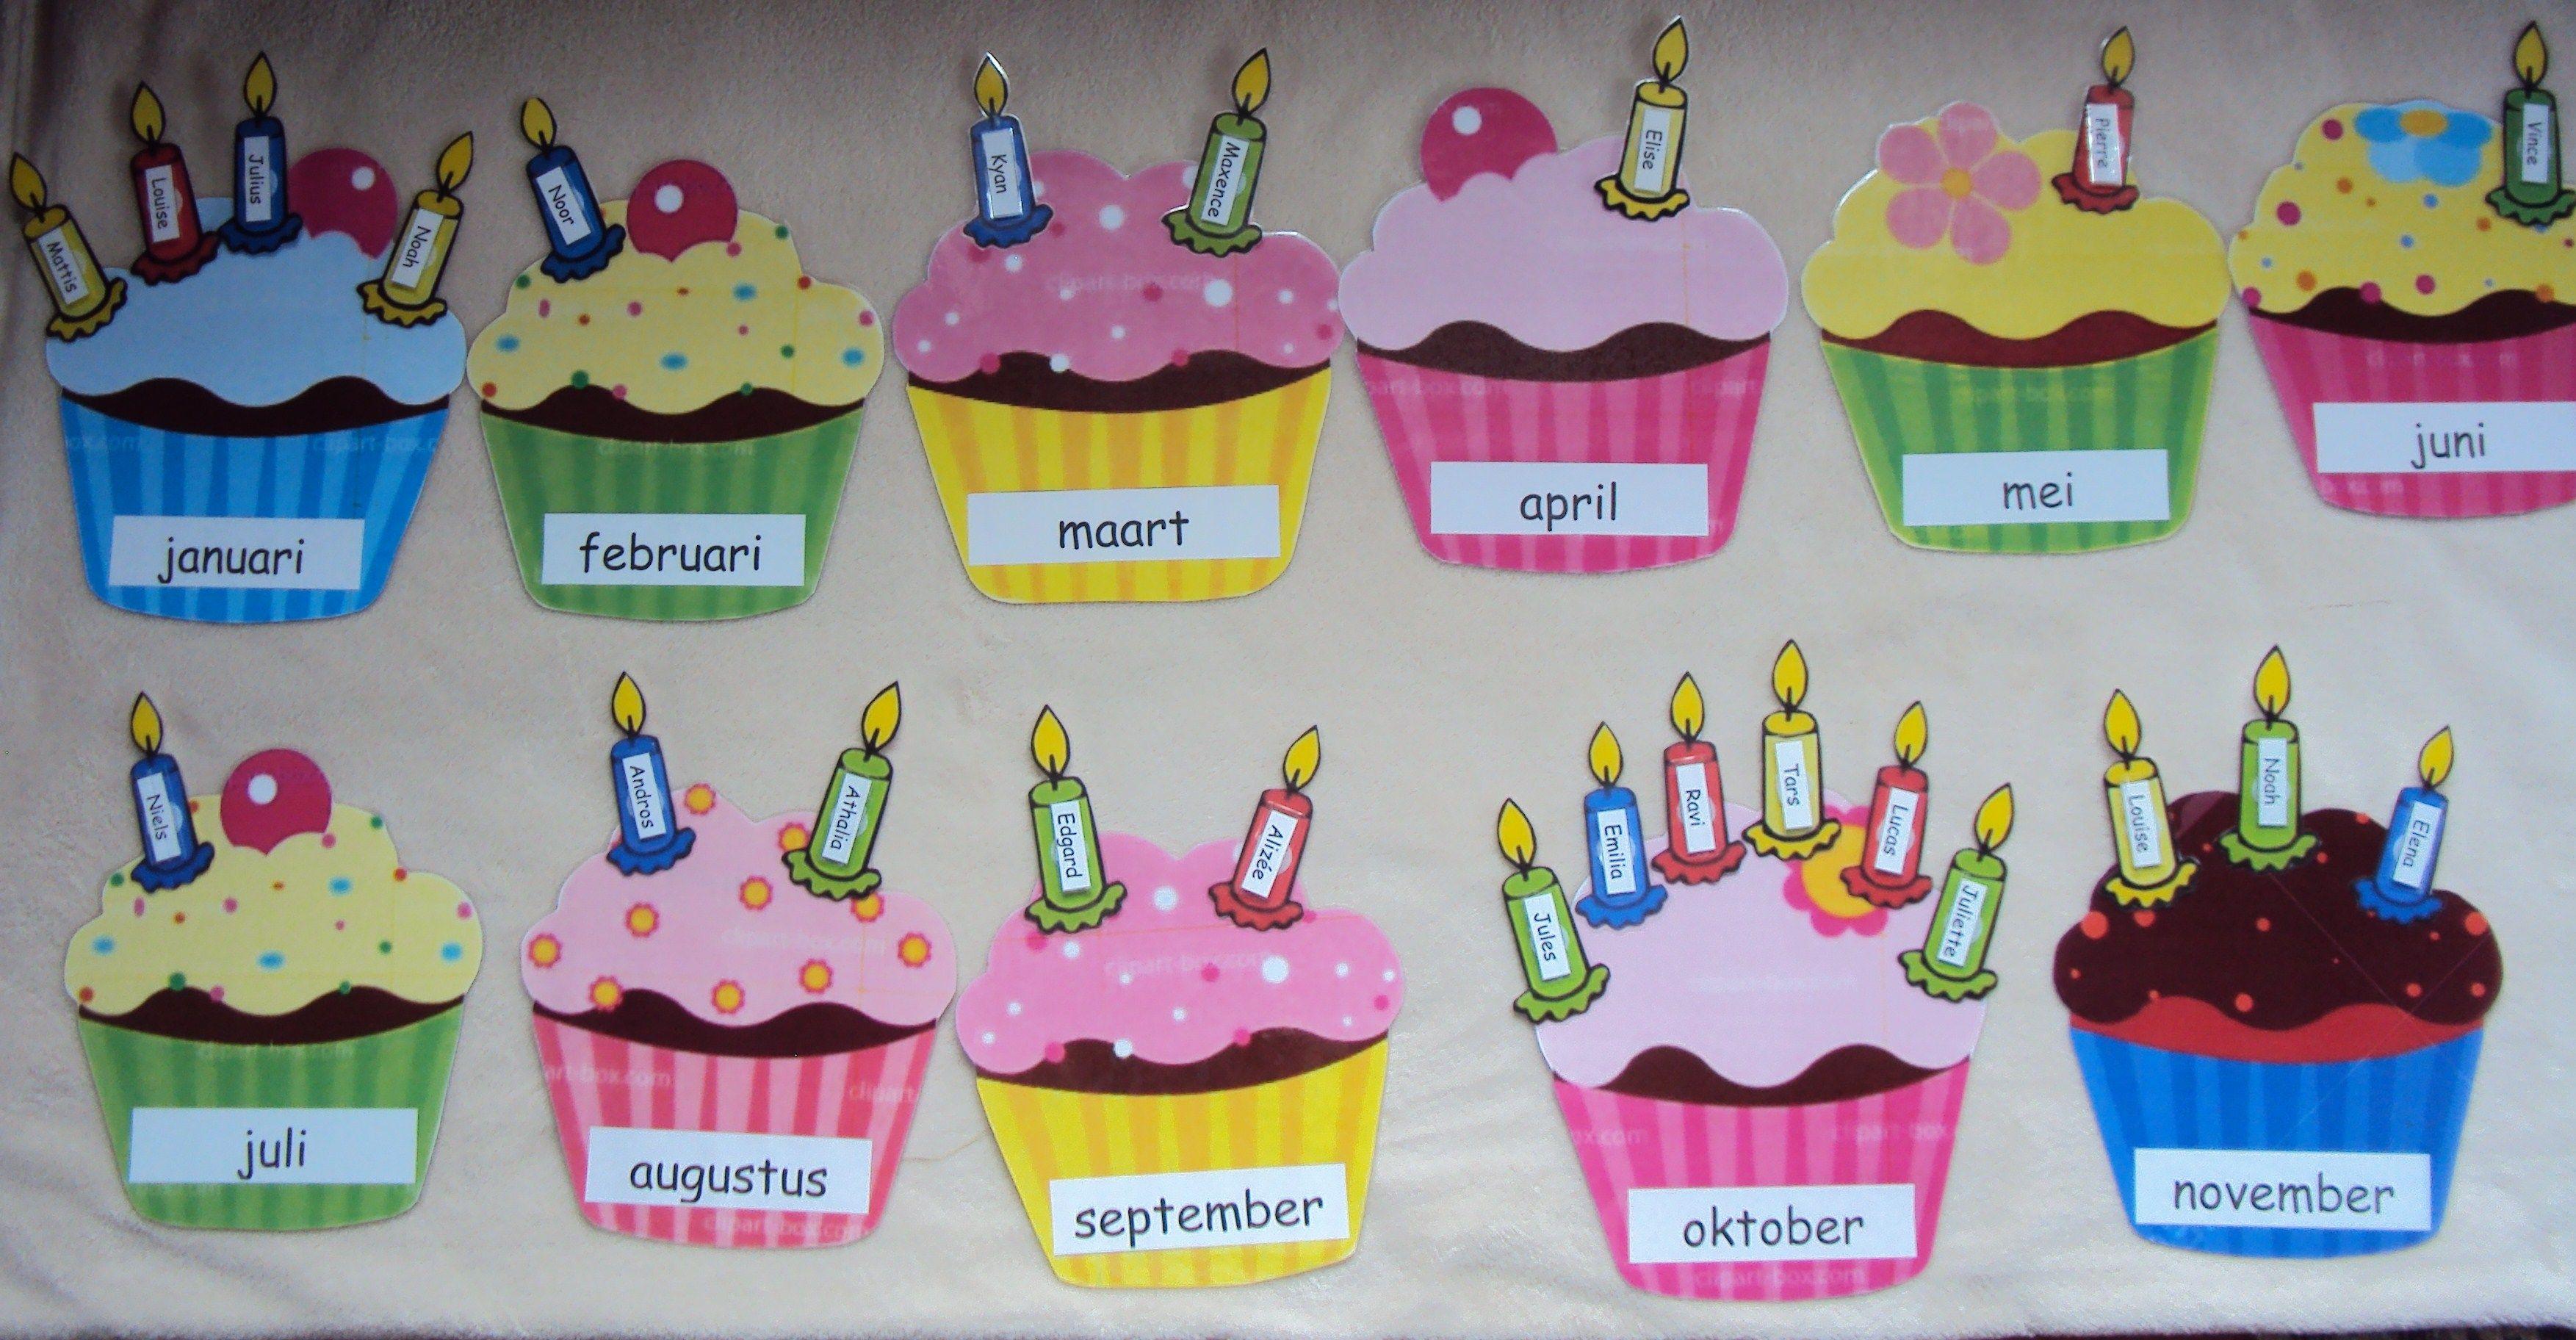 Mijn Verjaardagskalender Voor De Cupcakes En Kaarsjes Zie Bord Kalenders En Symbolen Delphine Wieme Verjaardagskalender Verjaardagsideeen Werkjes